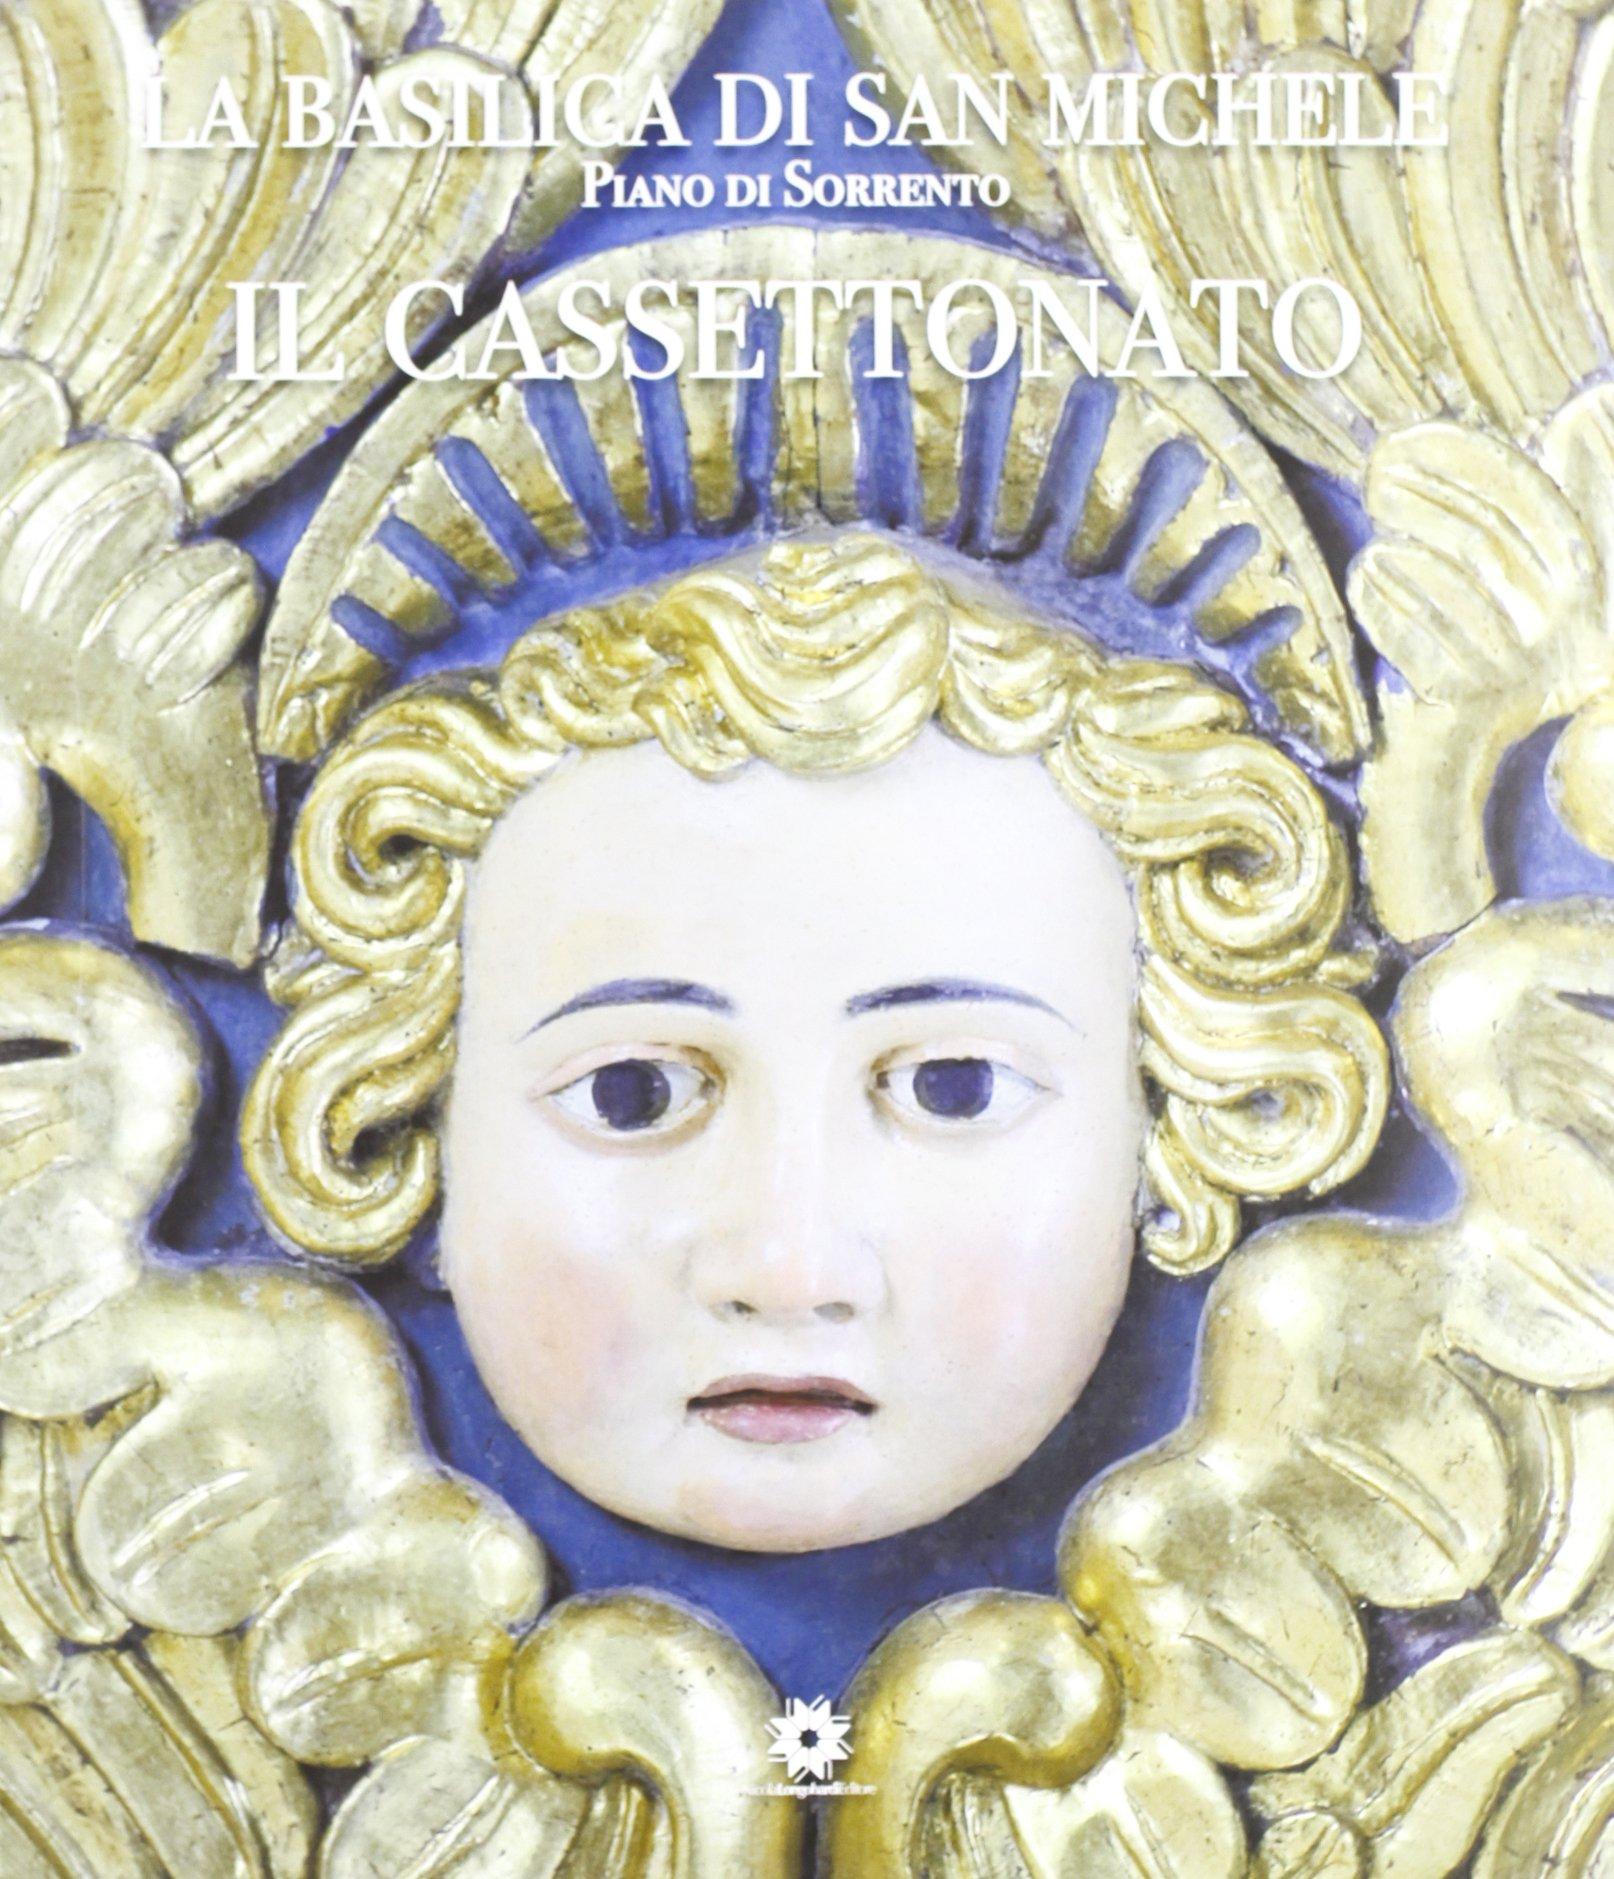 La Basilica Di San Michele Piano Di Sorrento Il Cassettonato Amazon It Aa Vv Libri